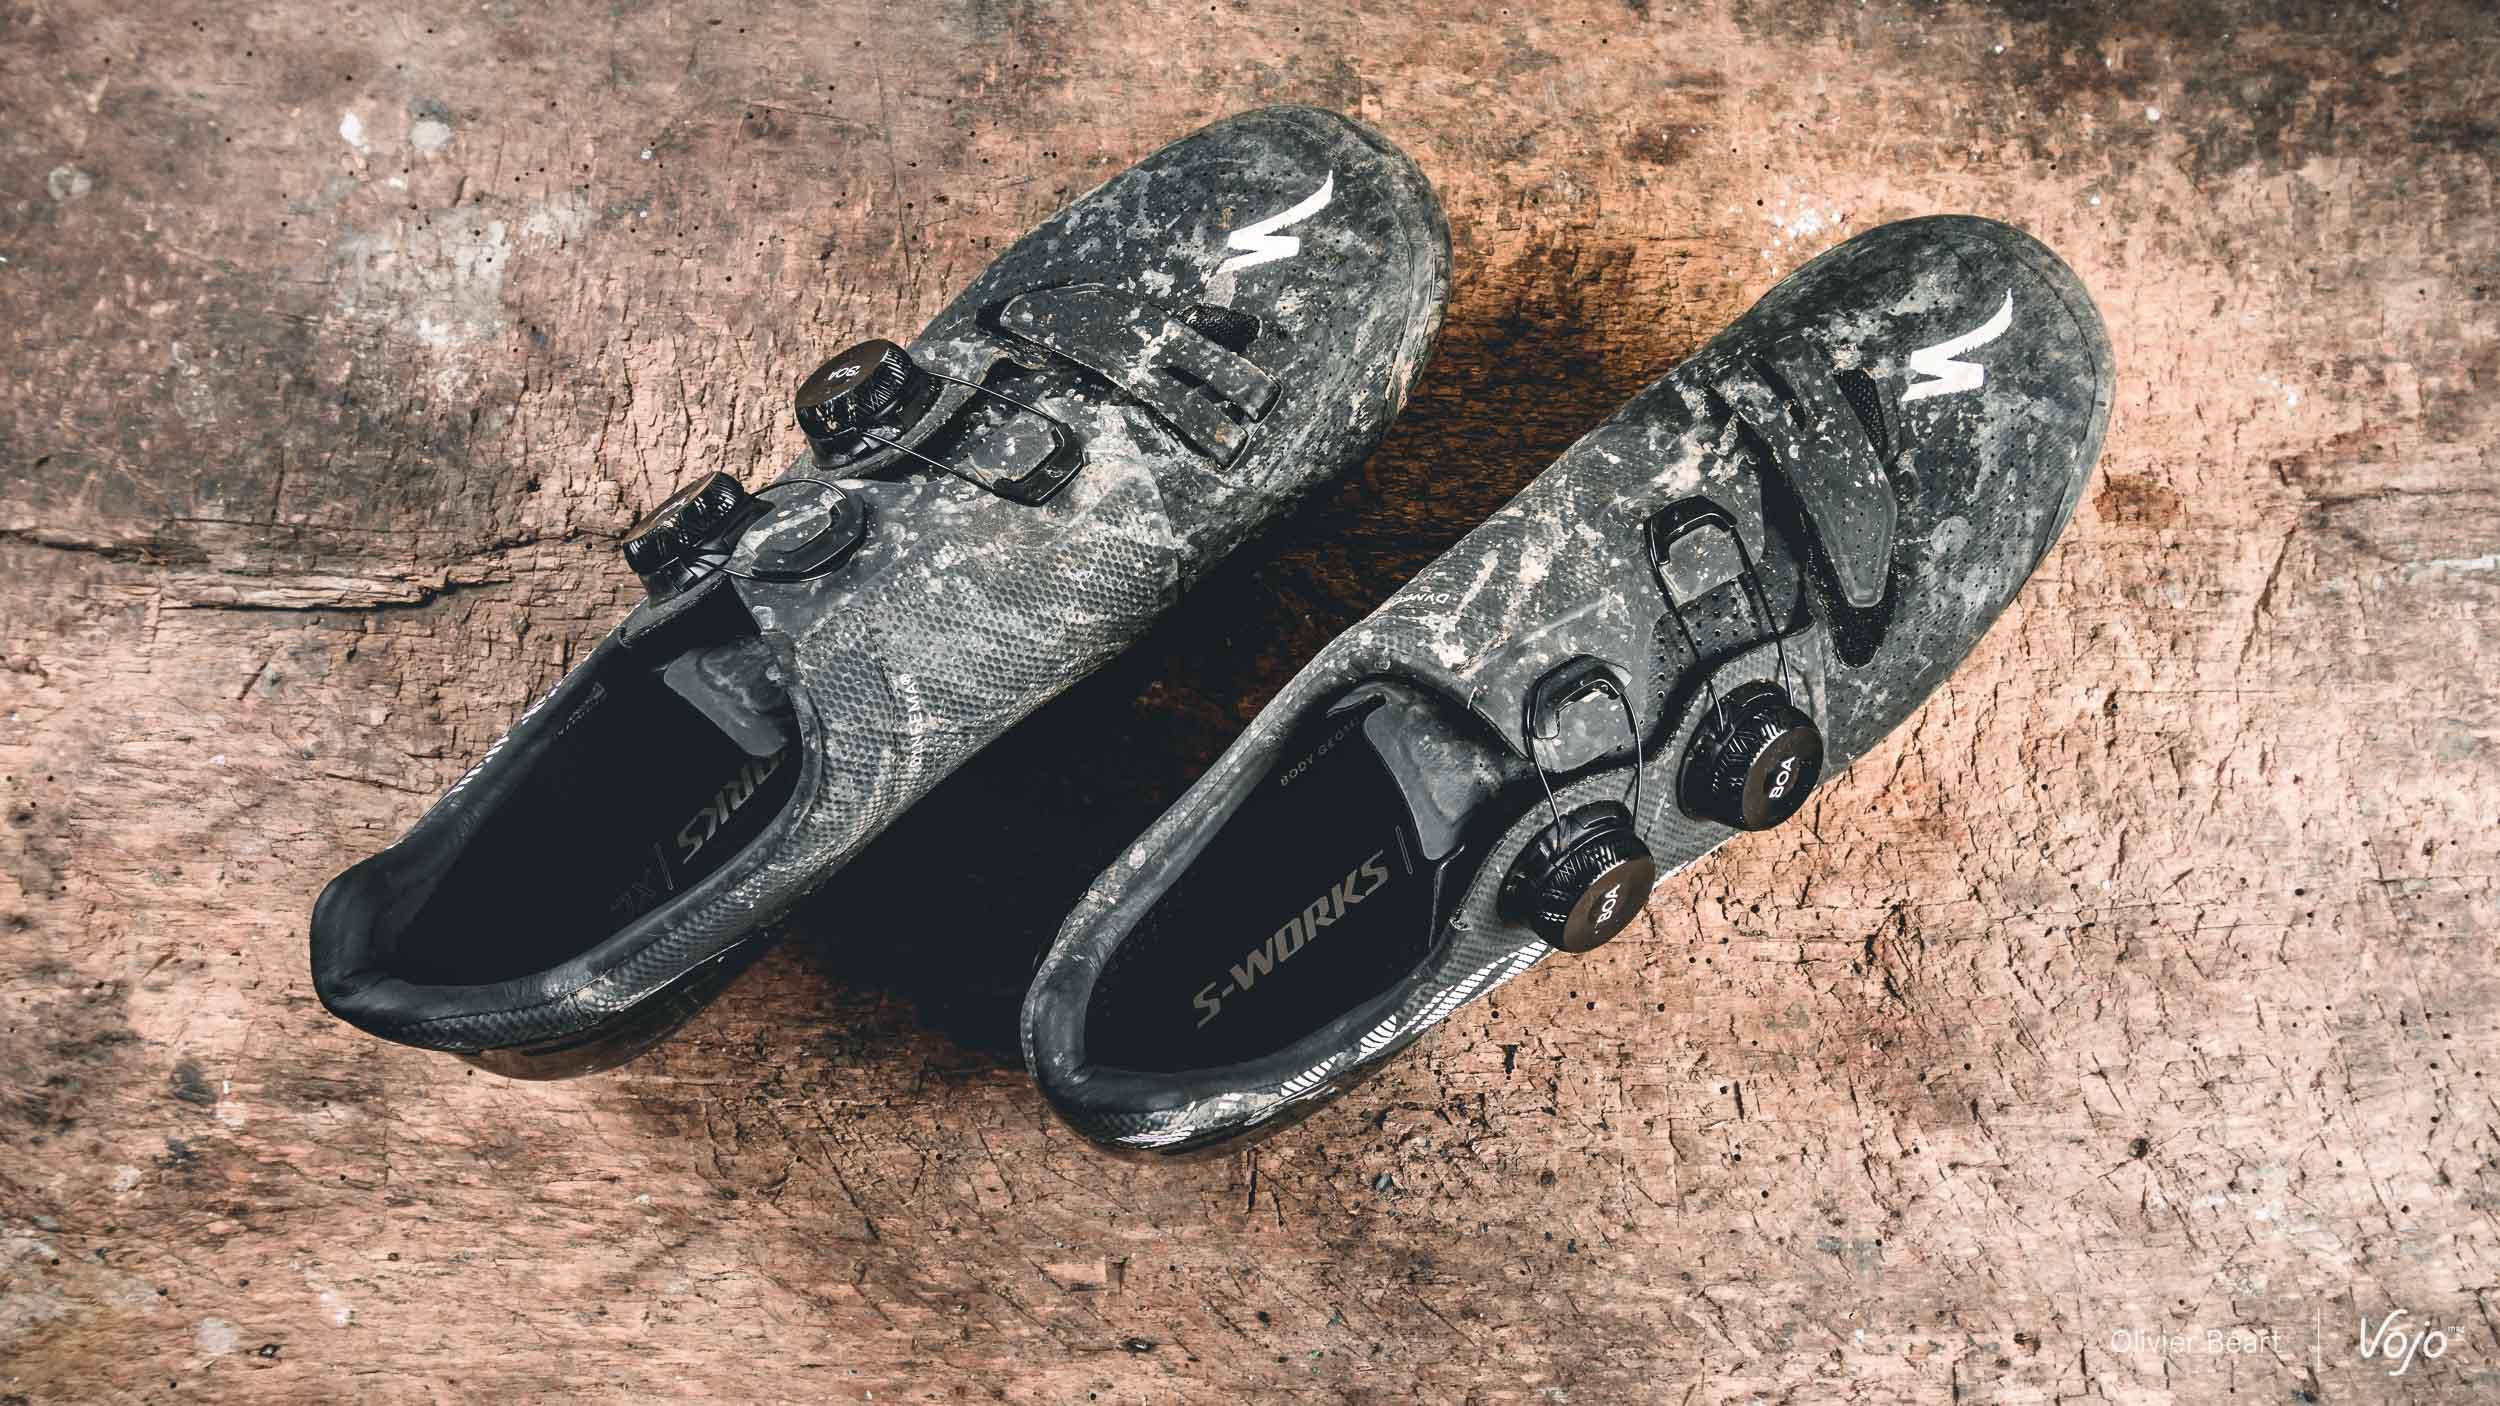 Recon Magazine Specialized Vojo Chaussures Nouveauté Test Works S 1xEX0nqw